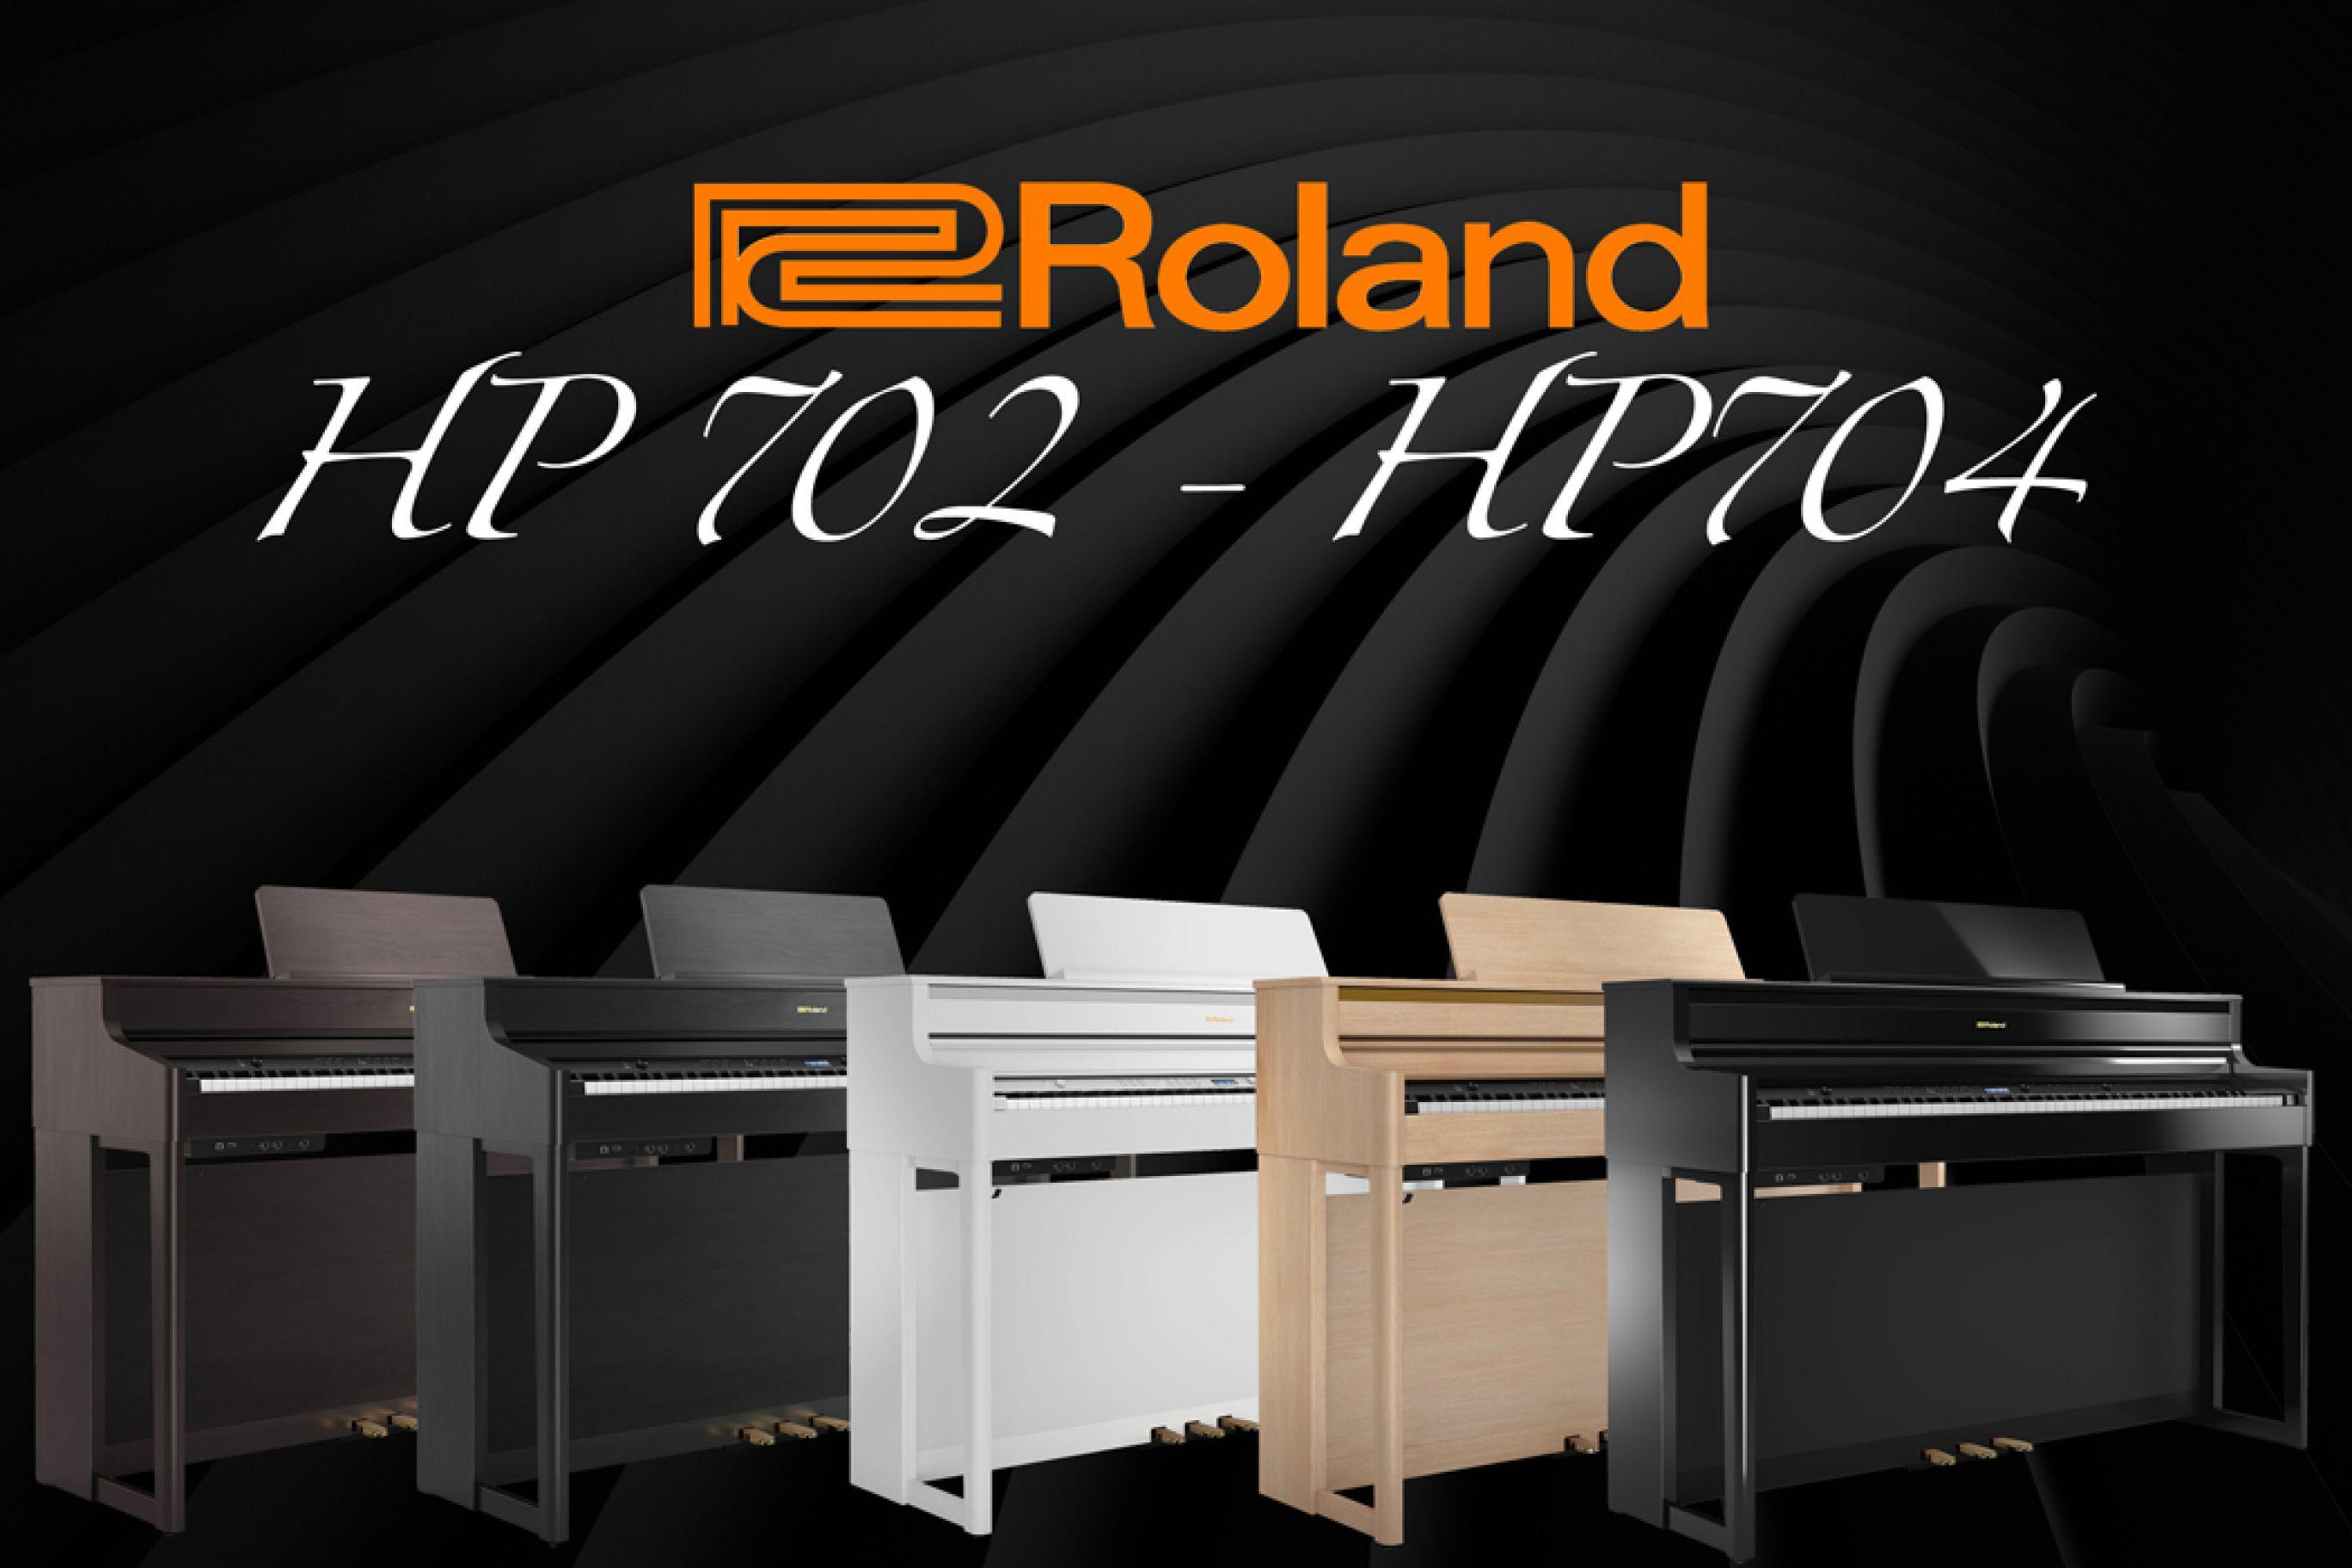 Roland HP702 e HP704: Pianoforti creati per emozionare